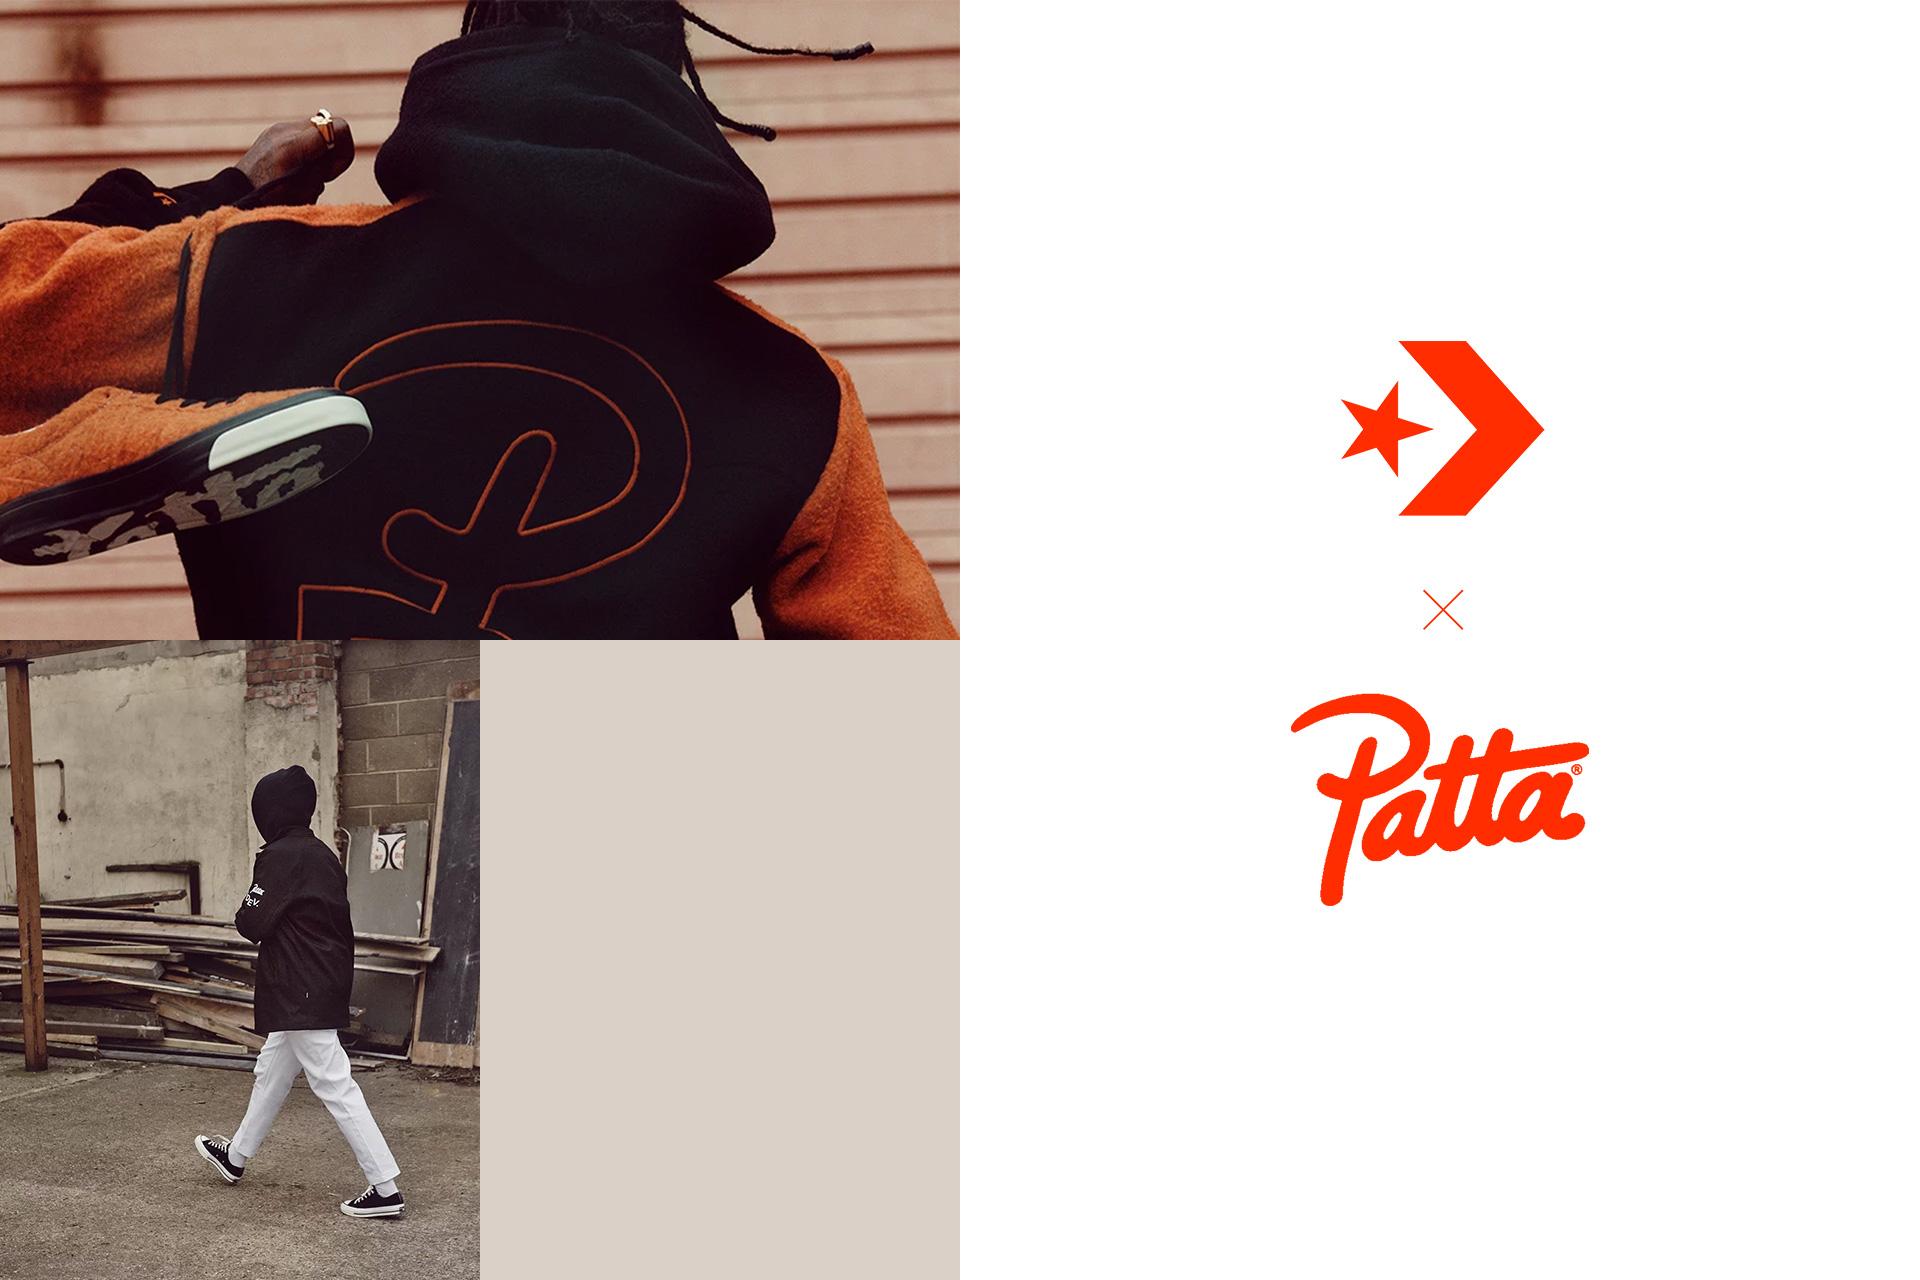 Icon_Patta